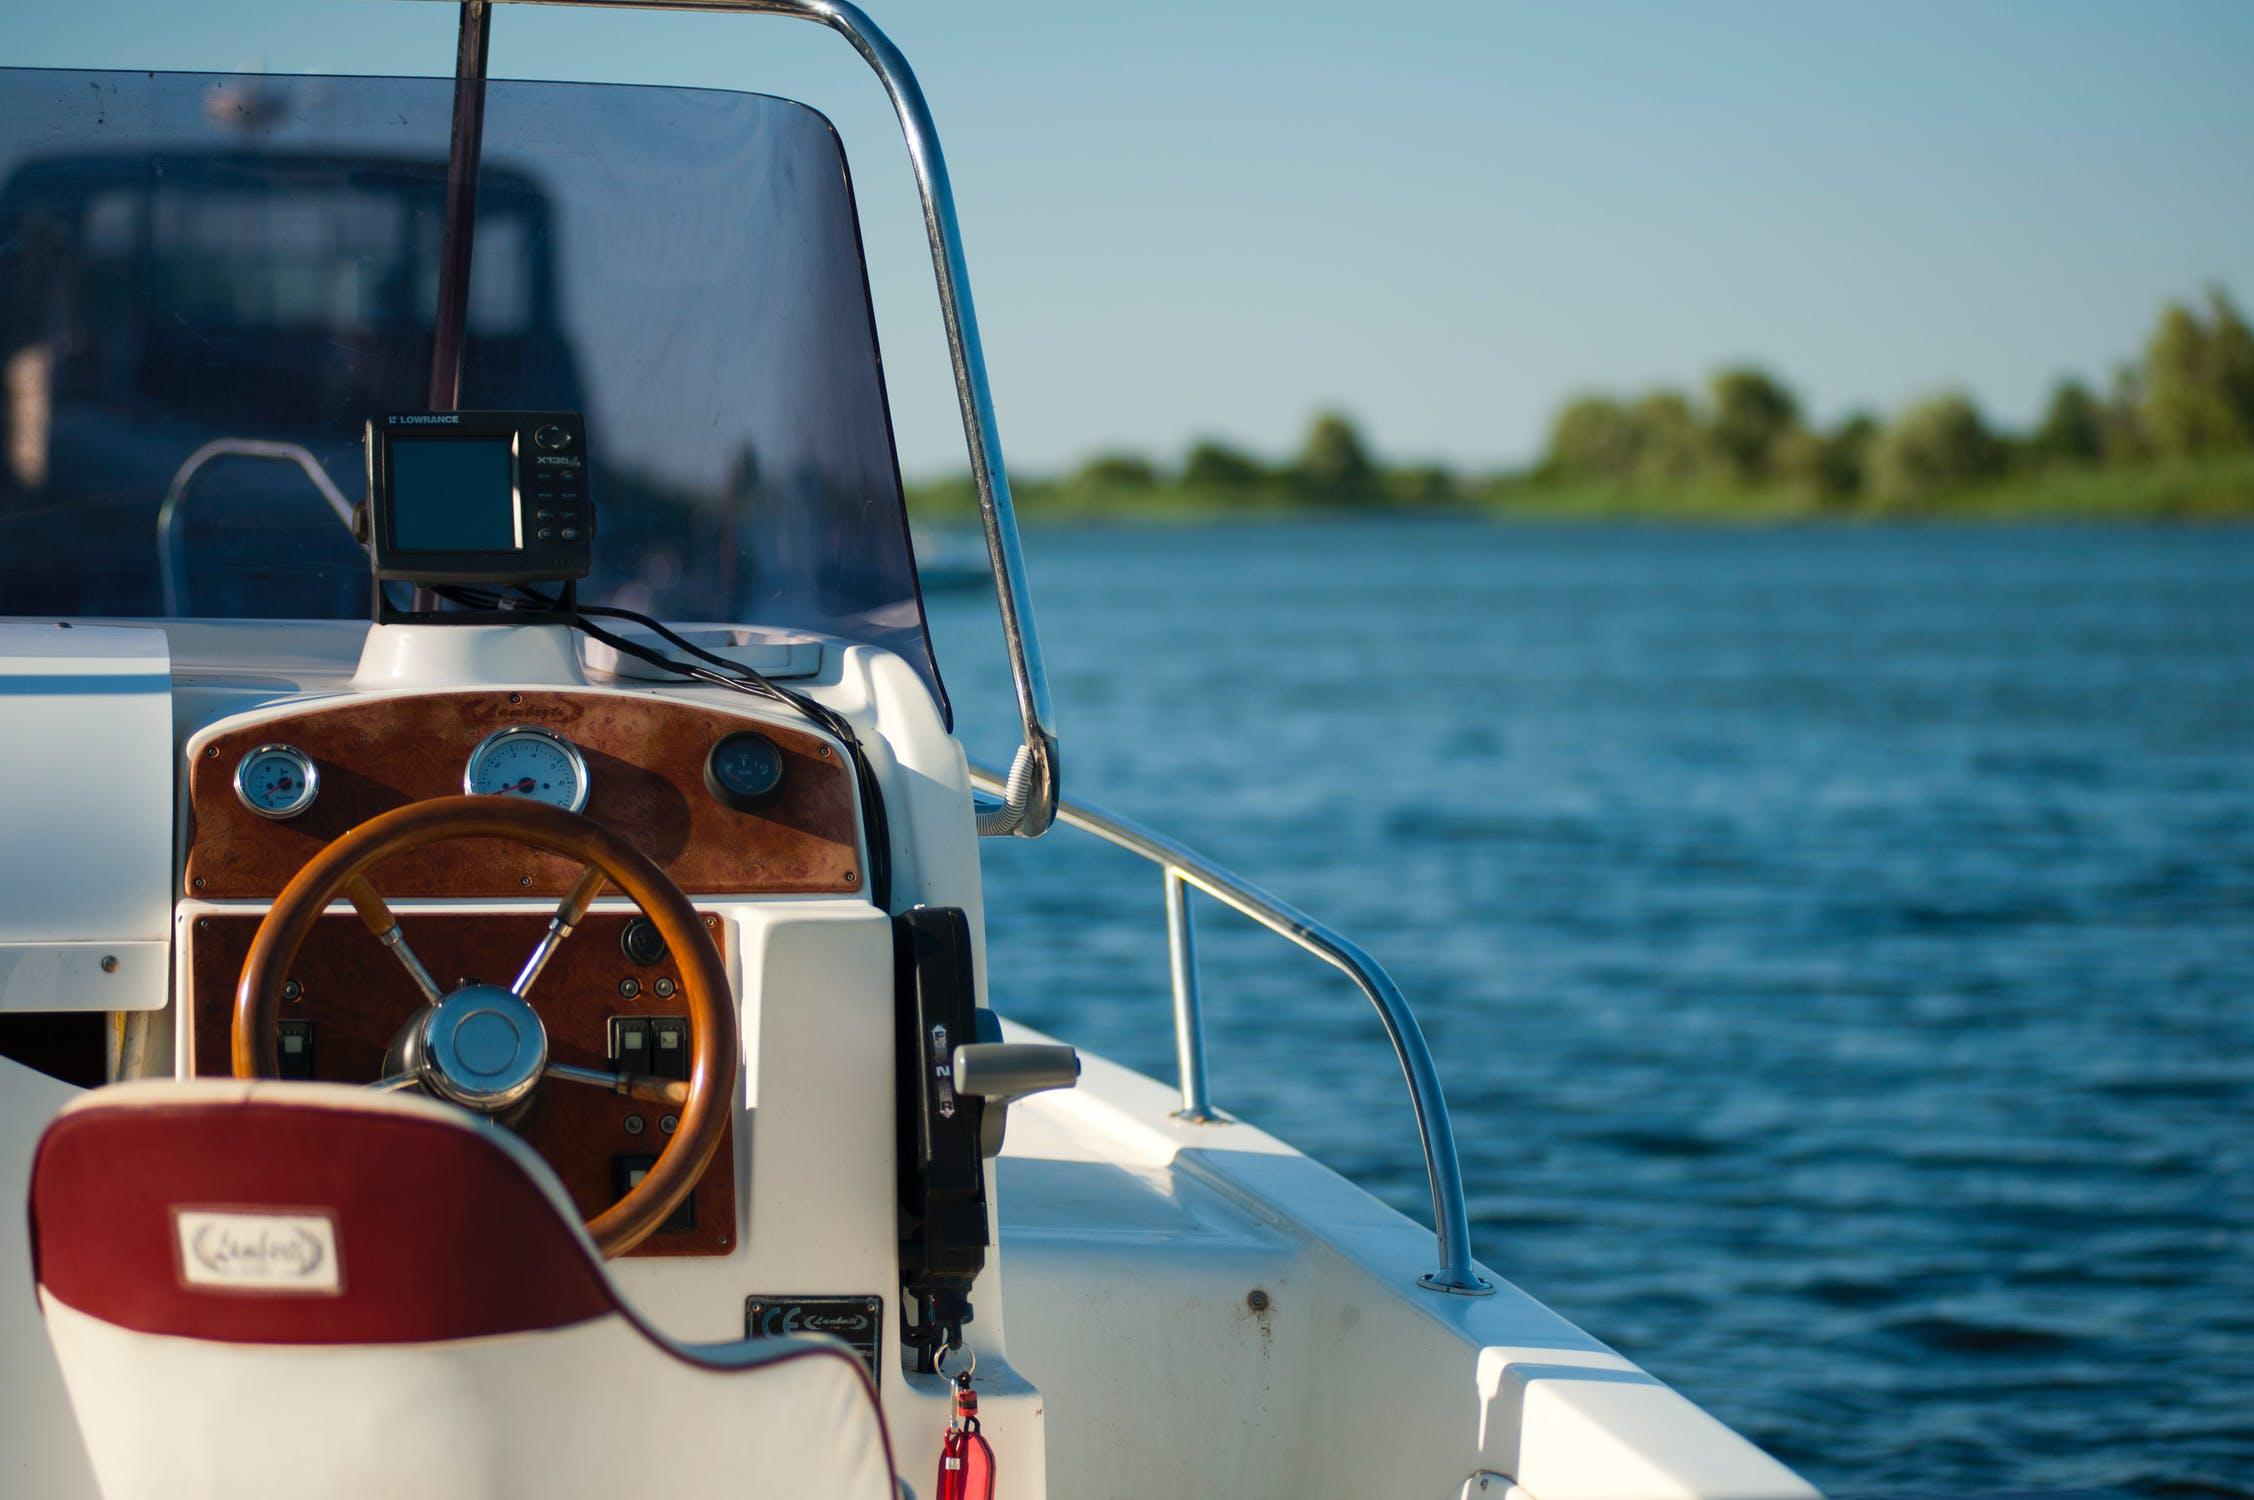 En motorbåt till havs